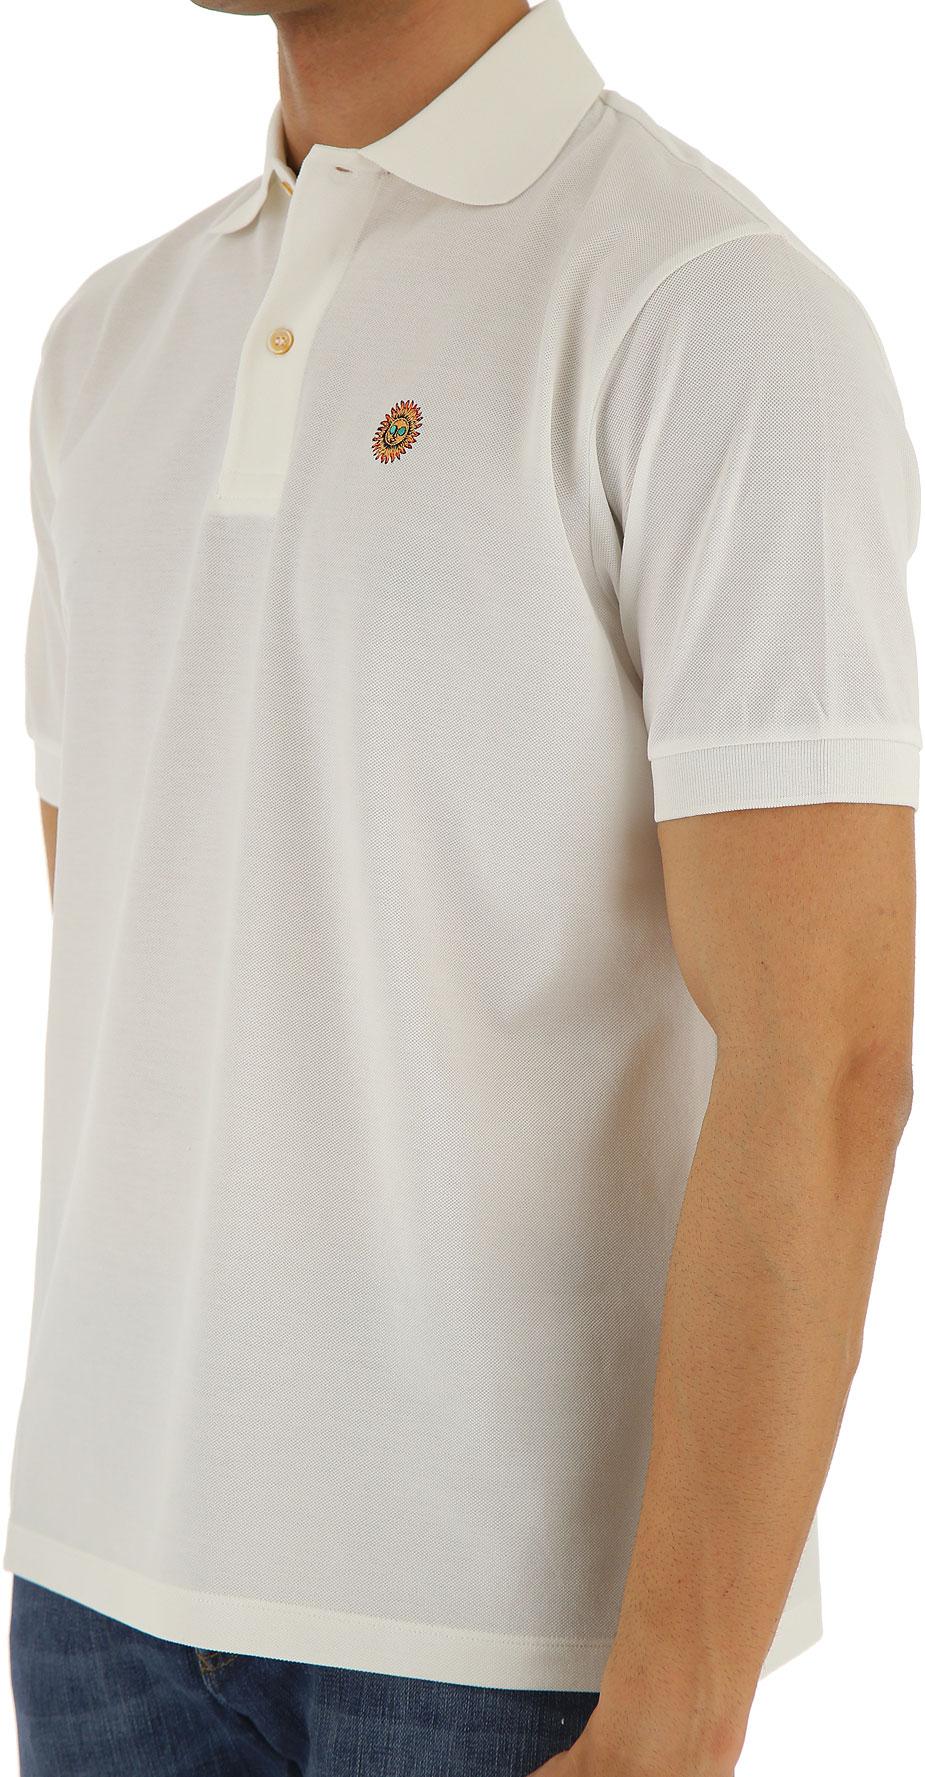 Codice Abbigliamento puxc Smith Uomo Uomo Abbigliamento 698p Articolo d71 Paul rqxwFqXnP